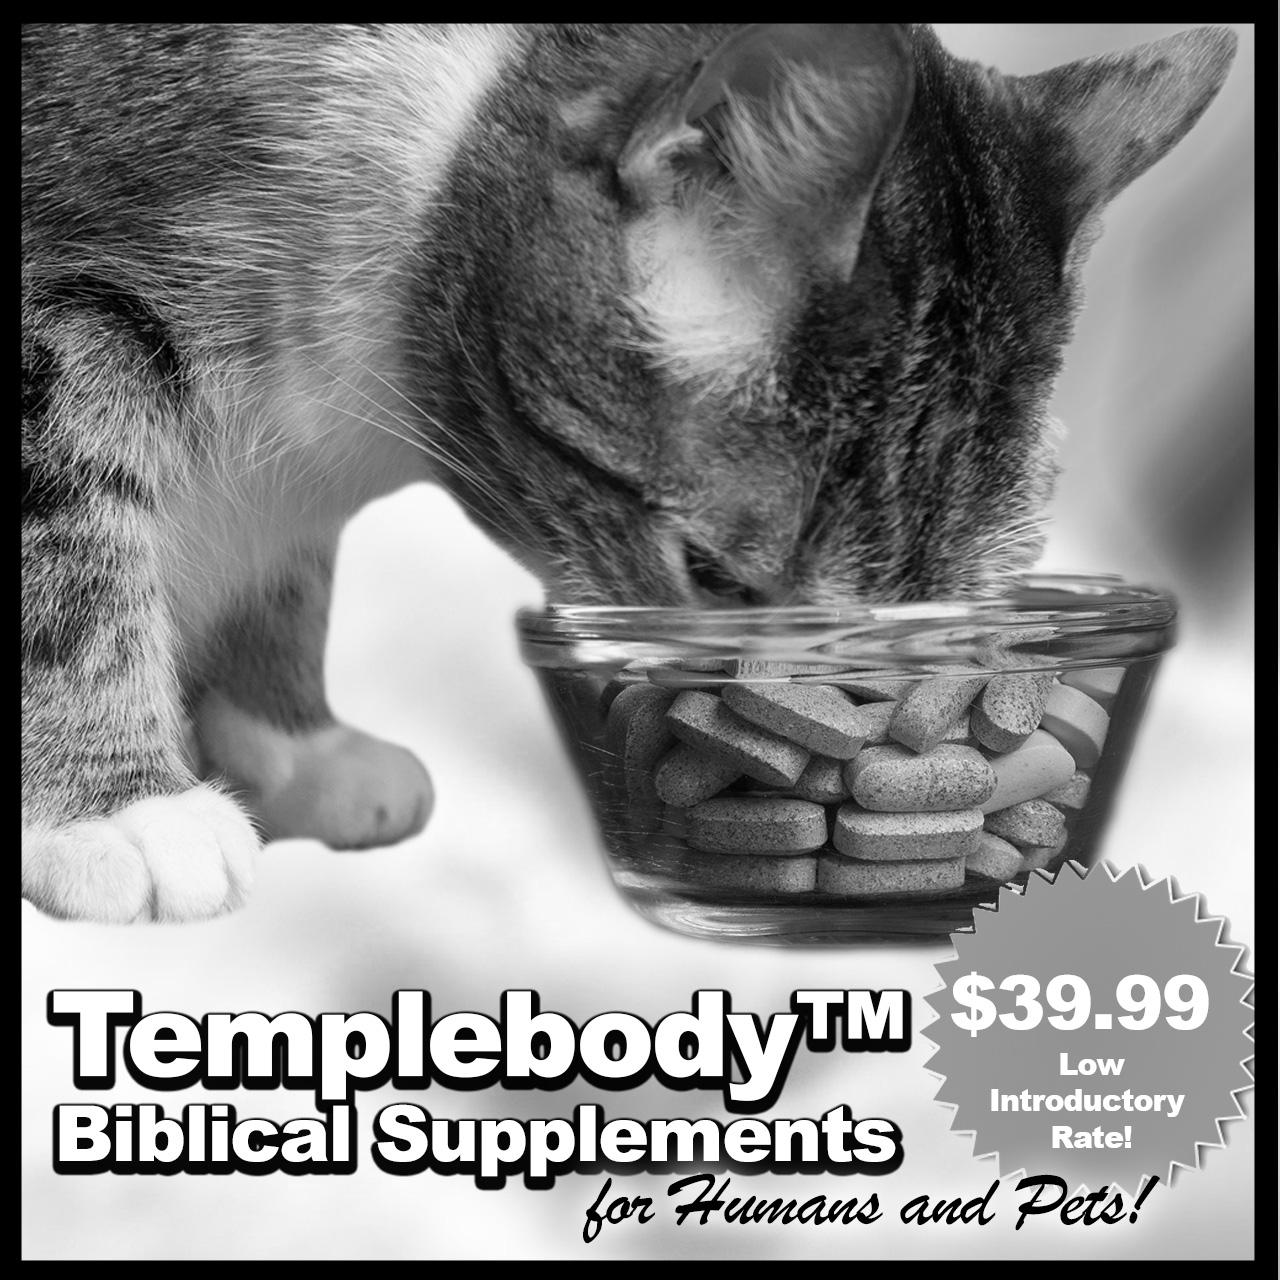 140409CN_Ad_Templebody_v1.jpg